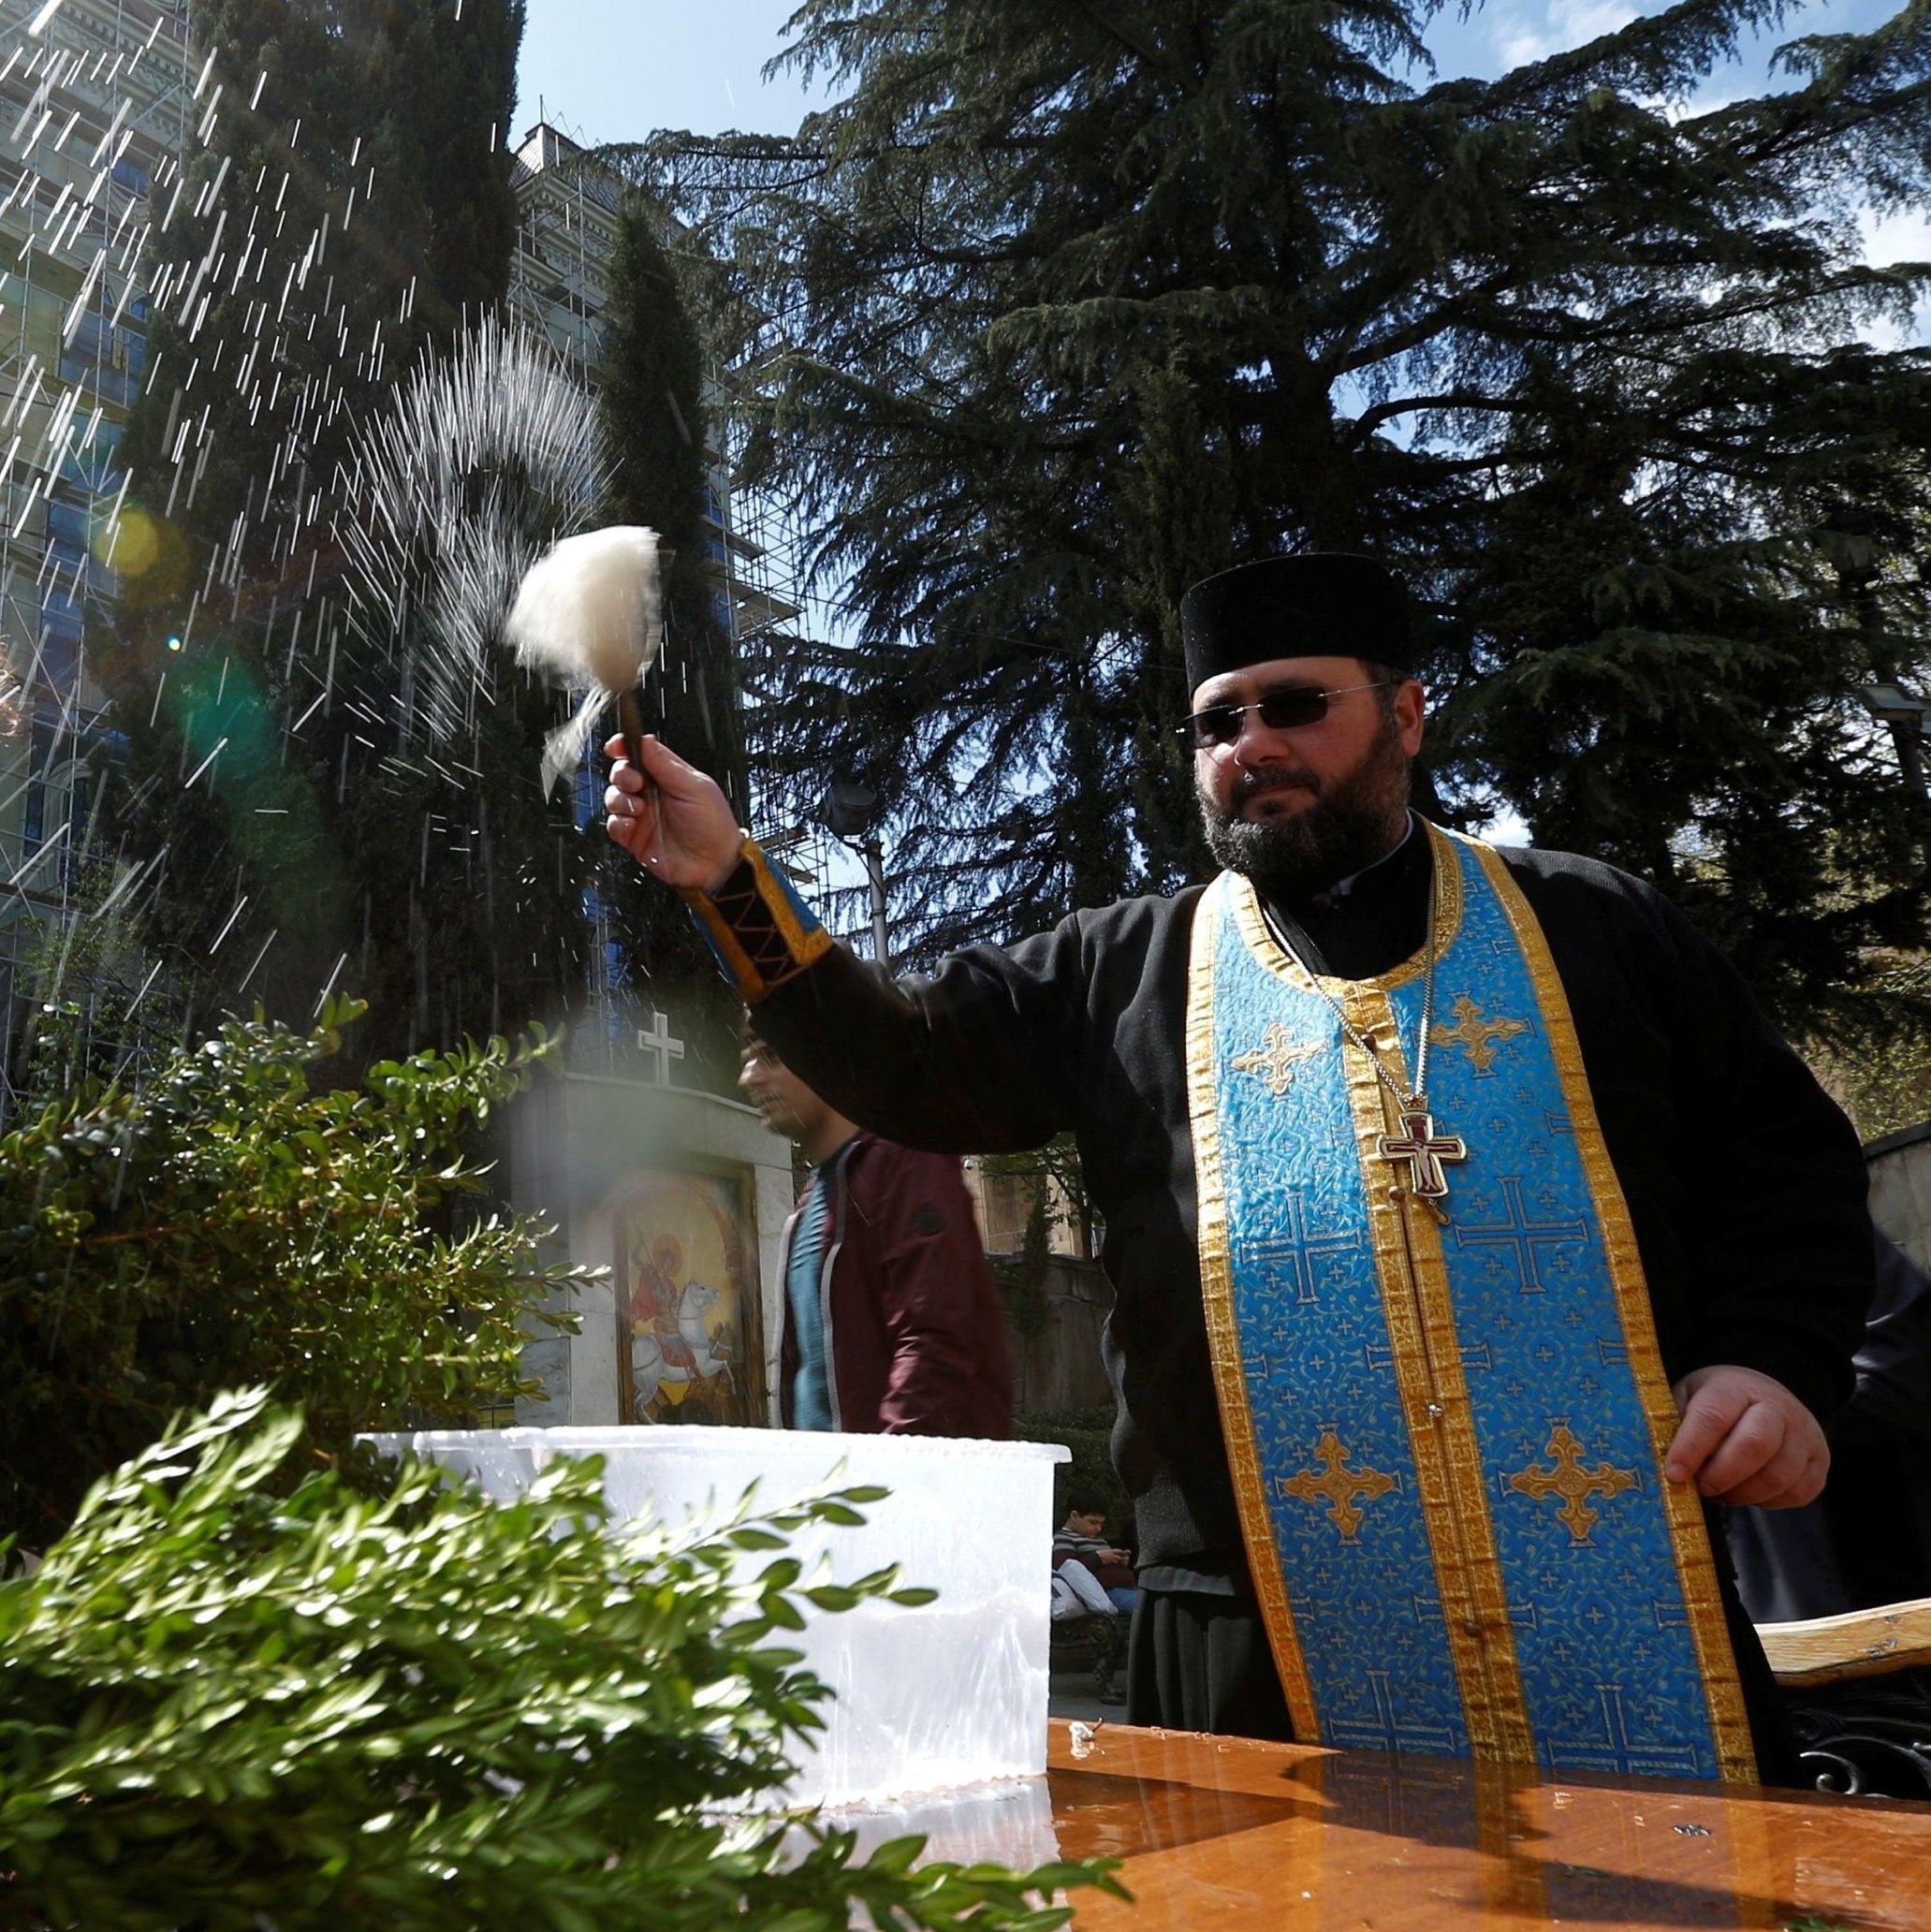 Священник благословляет верующих святой водой в Тбилиси, Грузия / © Reuters